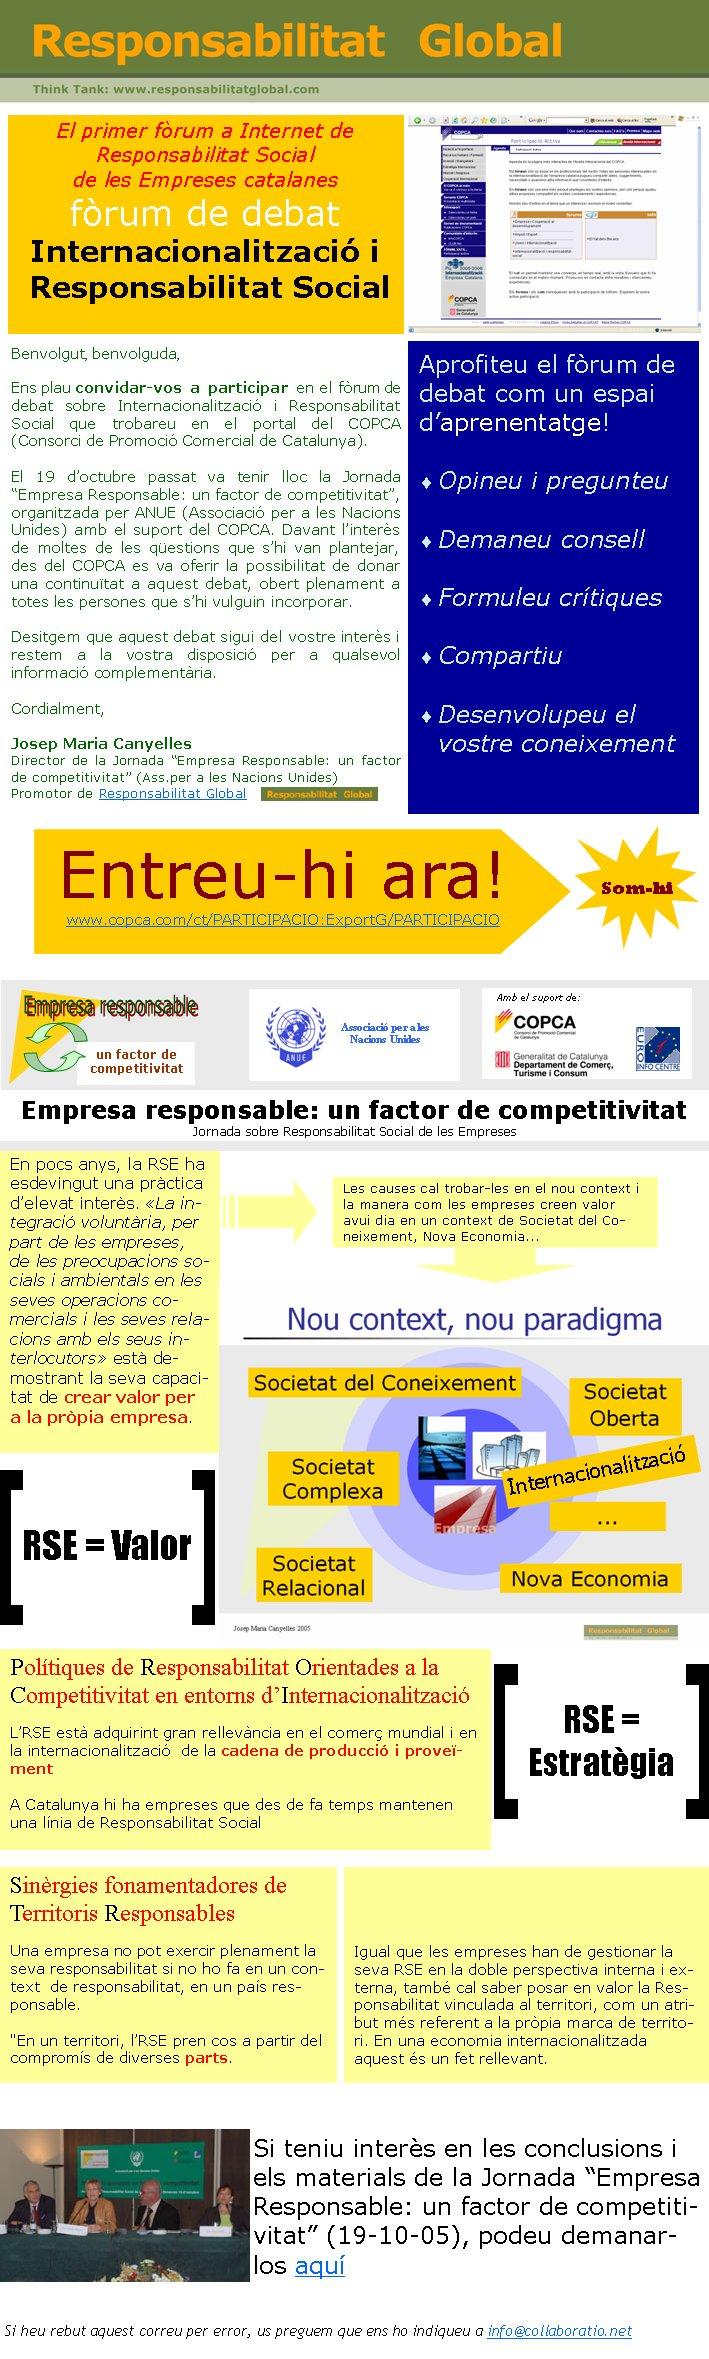 """Benvolgut, benvolguda,Ens plau convidar-vos a participar en el fòrum de debat sobre Internacionalització i Responsabilitat Social que trobareu en el portal del COPCA (Consorci de Promoció Comercial de Catalunya). El 19 d'octubre passat va tenir lloc la Jornada """"Empresa Responsable: un factor de competitivitat"""", organitzada per ANUE (Associació per a les Nacions Unides) amb el suport del COPCA. Davant l'interès de moltes de les qüestions que s'hi van plantejar, des del COPCA es va oferir la possibilitat de donar una continuïtat a aquest debat, obert plenament a totes les persones que s'hi vulguin incorporar. Desitgem que aquest debat sigui del vostre interès i restem a la vostra disposició per a qualsevol informació complementària. Cordialment,Josep Maria Canyelles                                       Director de la Jornada """"Empresa Responsable: un factor de competitivitat"""" (Ass.per a les Nacions Unides)                                          Promotor de Responsabilitat Global                      Si heu rebut aquest correu per error, us preguem que ens ho indiqueu a info@collaboratio.net En pocs anys, la RSE ha esdevingut una pràctica d'elevat interès. «La integració voluntària, per part de les empreses, de les preocupacions socials i ambientals en les seves operacions comercials i les seves relacions amb els seus interlocutors» està demostrant la seva capacitat de crear valor per a la pròpia empresa. Polítiques de Responsabilitat Orientades a la Competitivitat en entorns d'InternacionalitzacióL'RSE està adquirint gran rellevància en el comerç mundial i en la internacionalització  de la cadena de producció i proveïment A Catalunya hi ha empreses que des de fa temps mantenen una línia de Responsabilitat SocialSinèrgies fonamentadores de Territoris ResponsablesUna empresa no pot exercir plenament la seva responsabilitat si no ho fa en un context  de responsabilitat, en un país responsable.""""En un territori, l'RSE pren cos a partir del compromís de diverses parts. Em"""